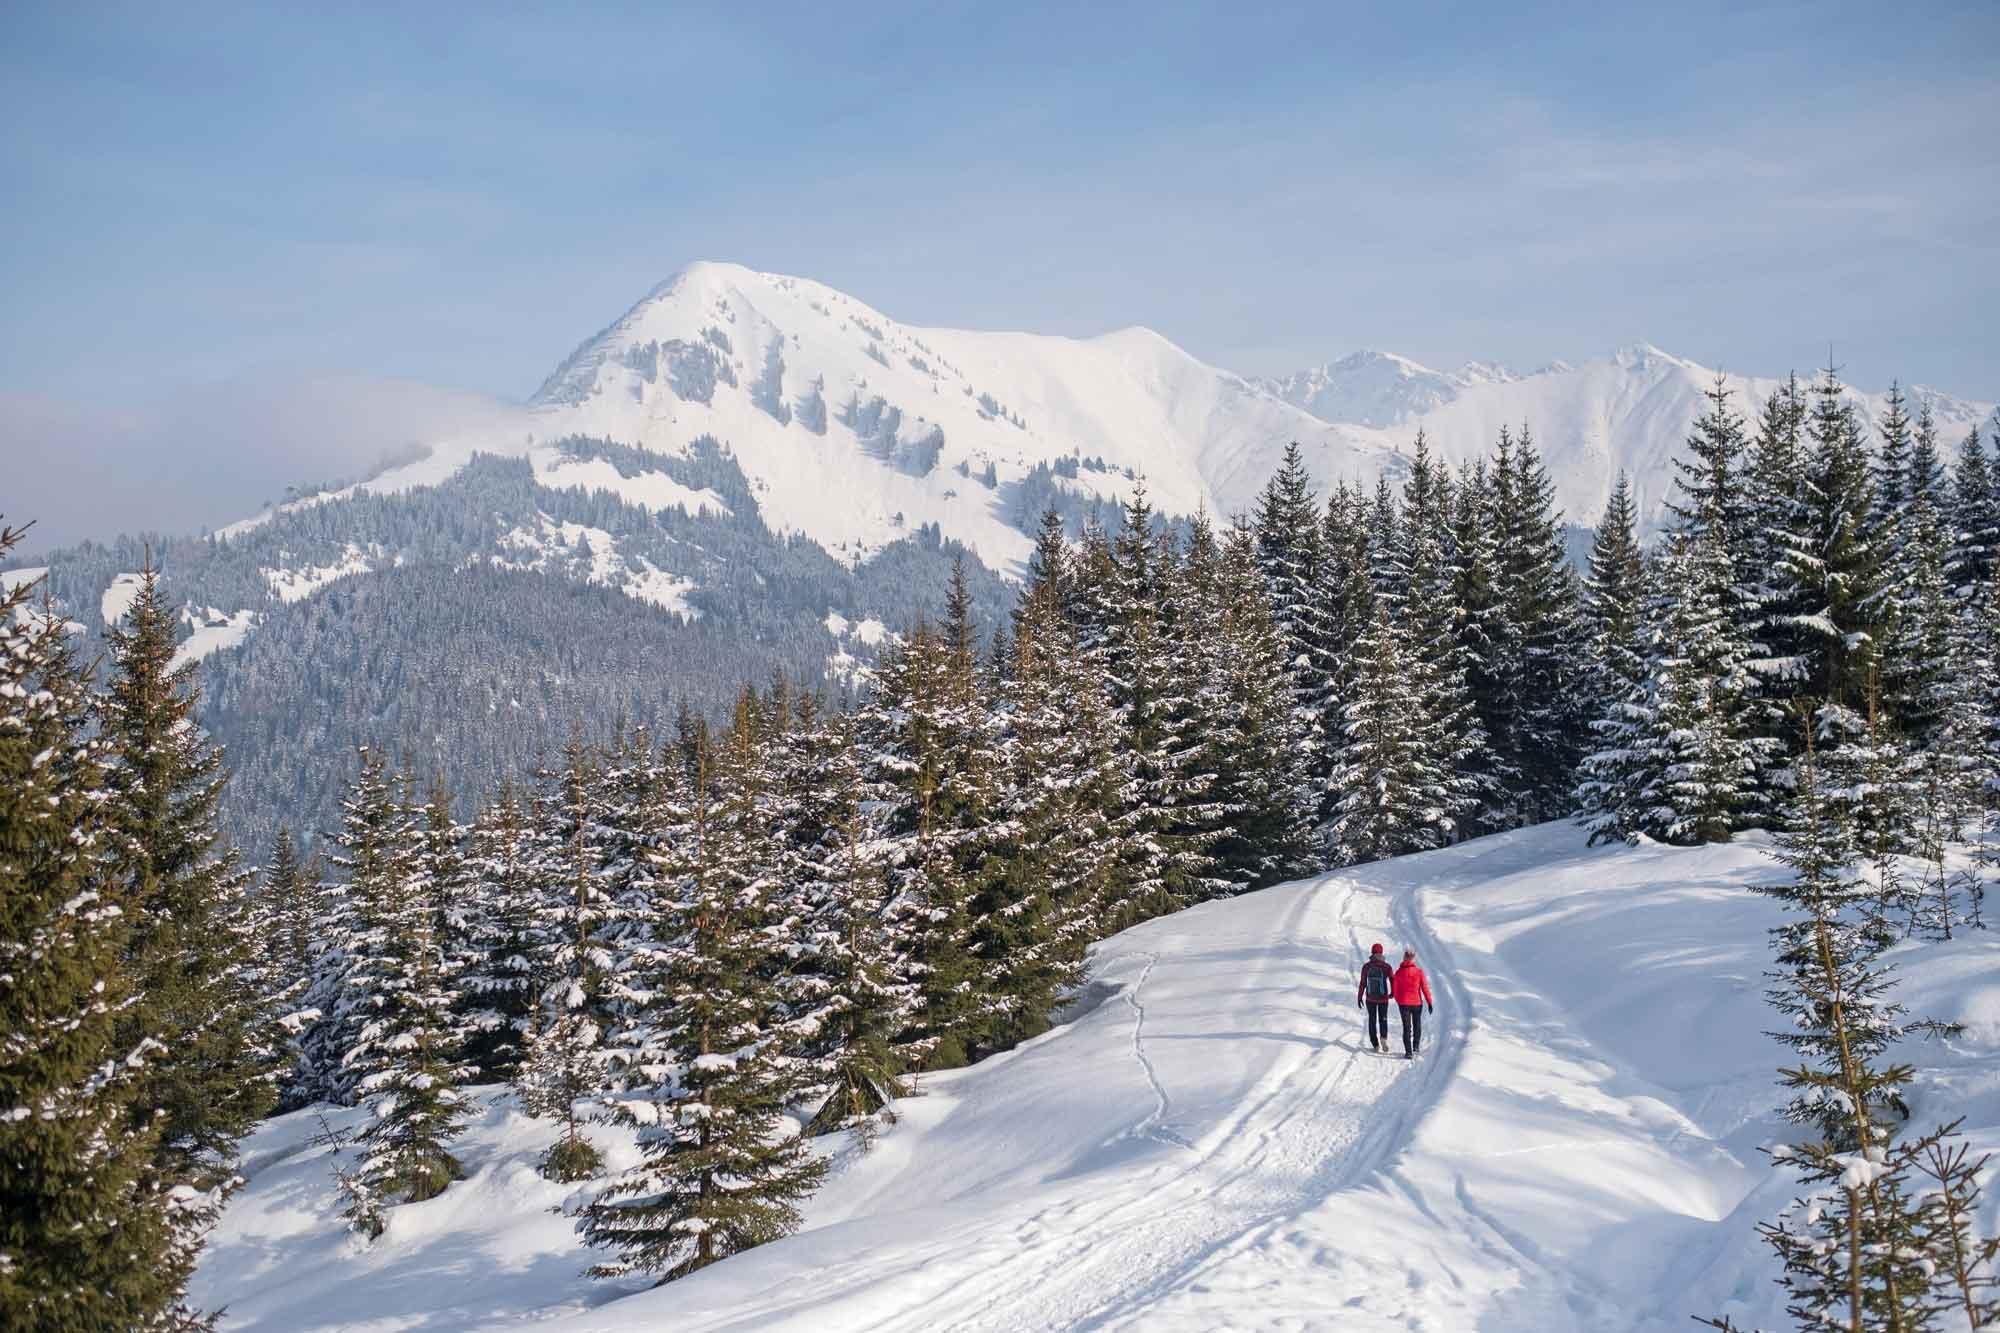 Winterwunderland Reutte © Tirol Werbung, Jörg Koopmann